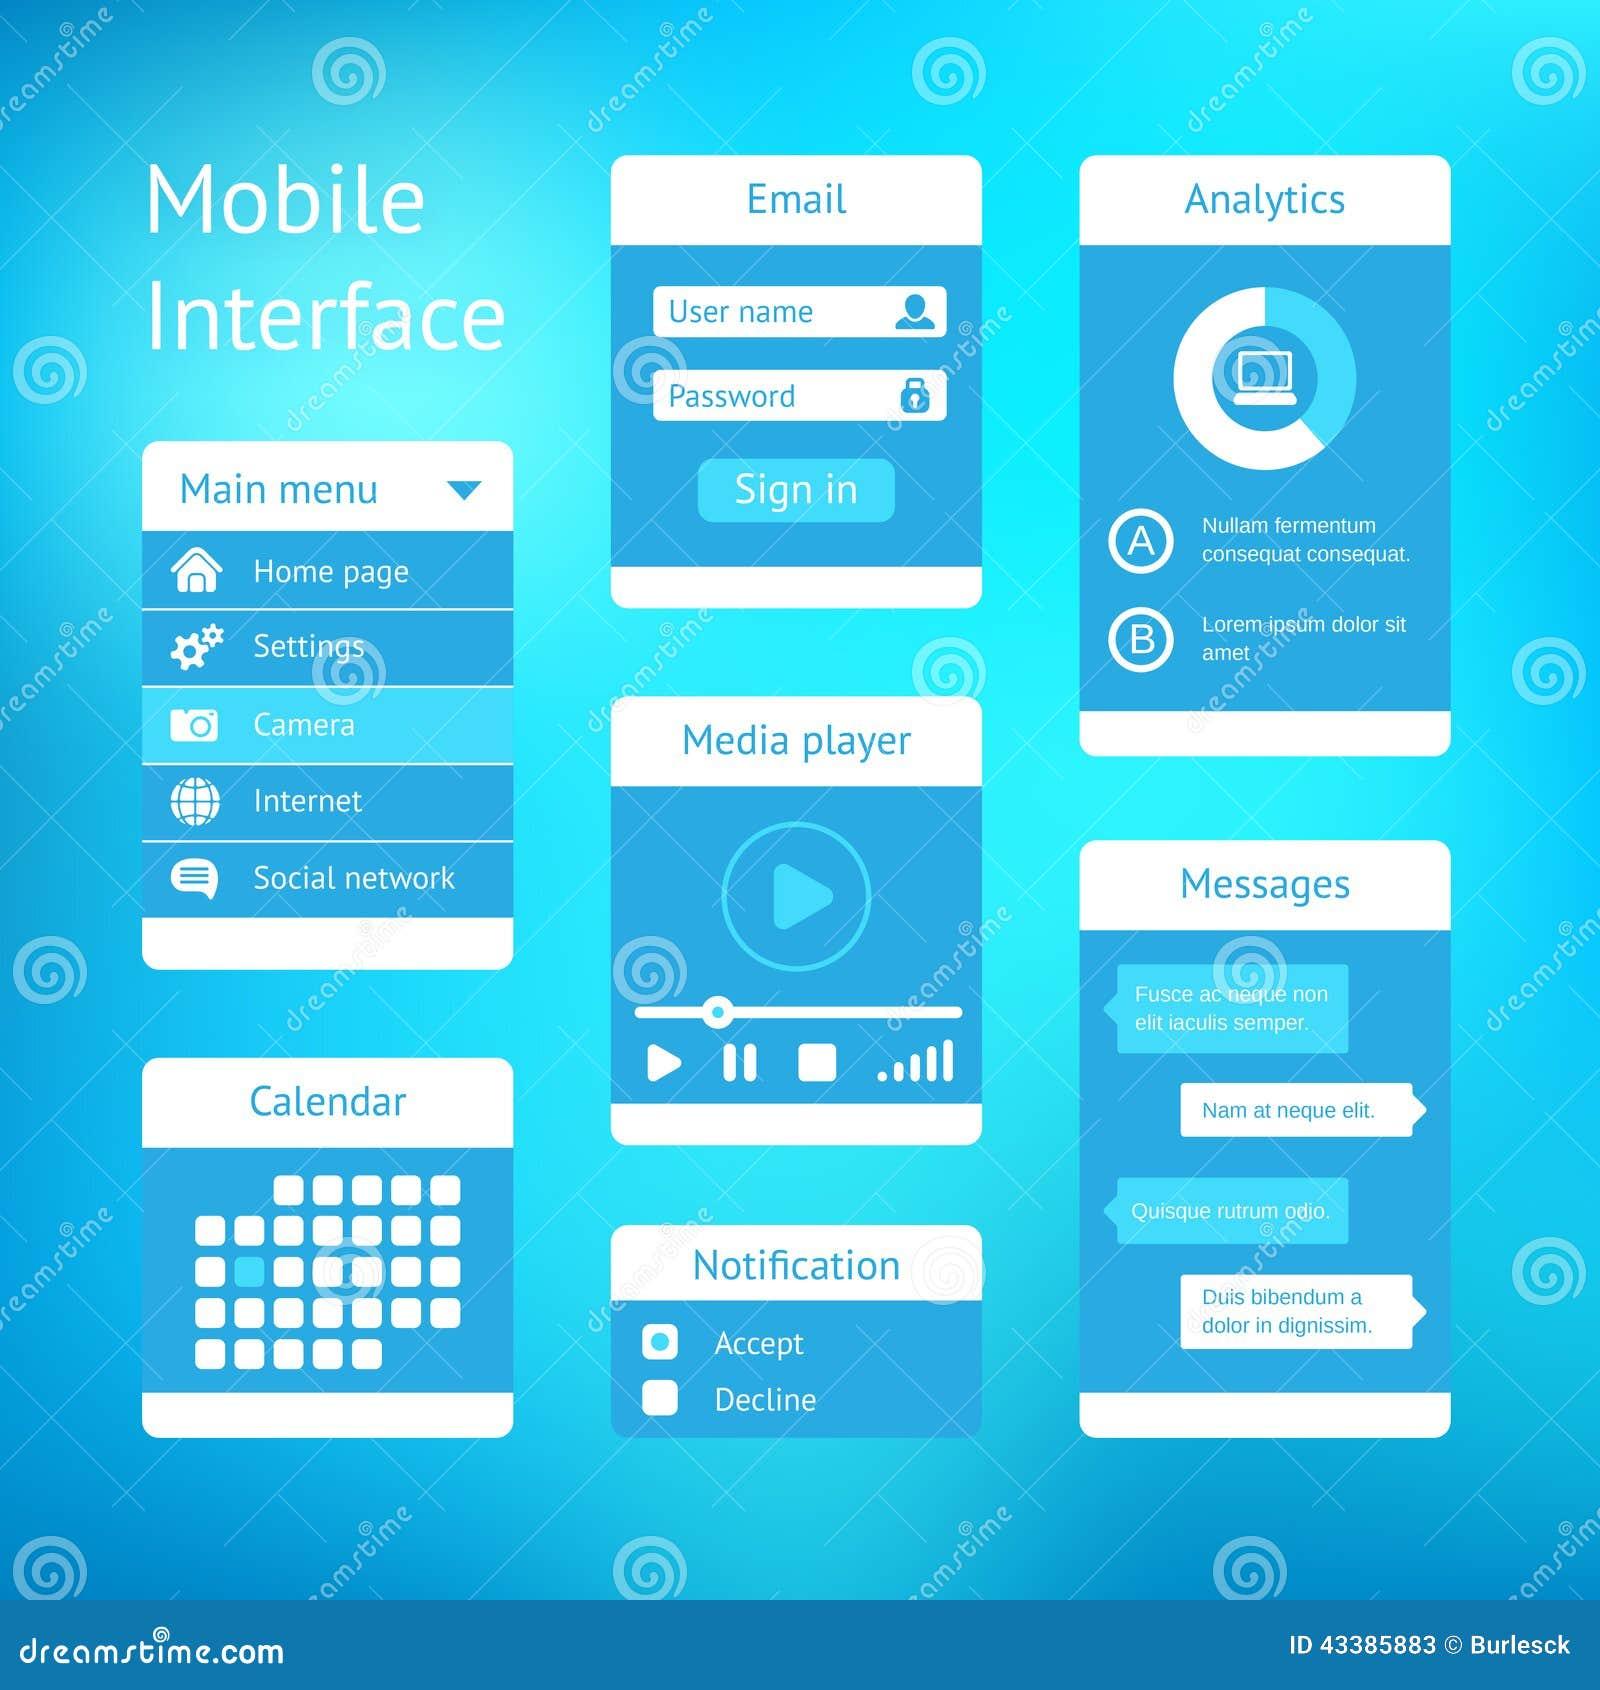 user manual sample for mobile application